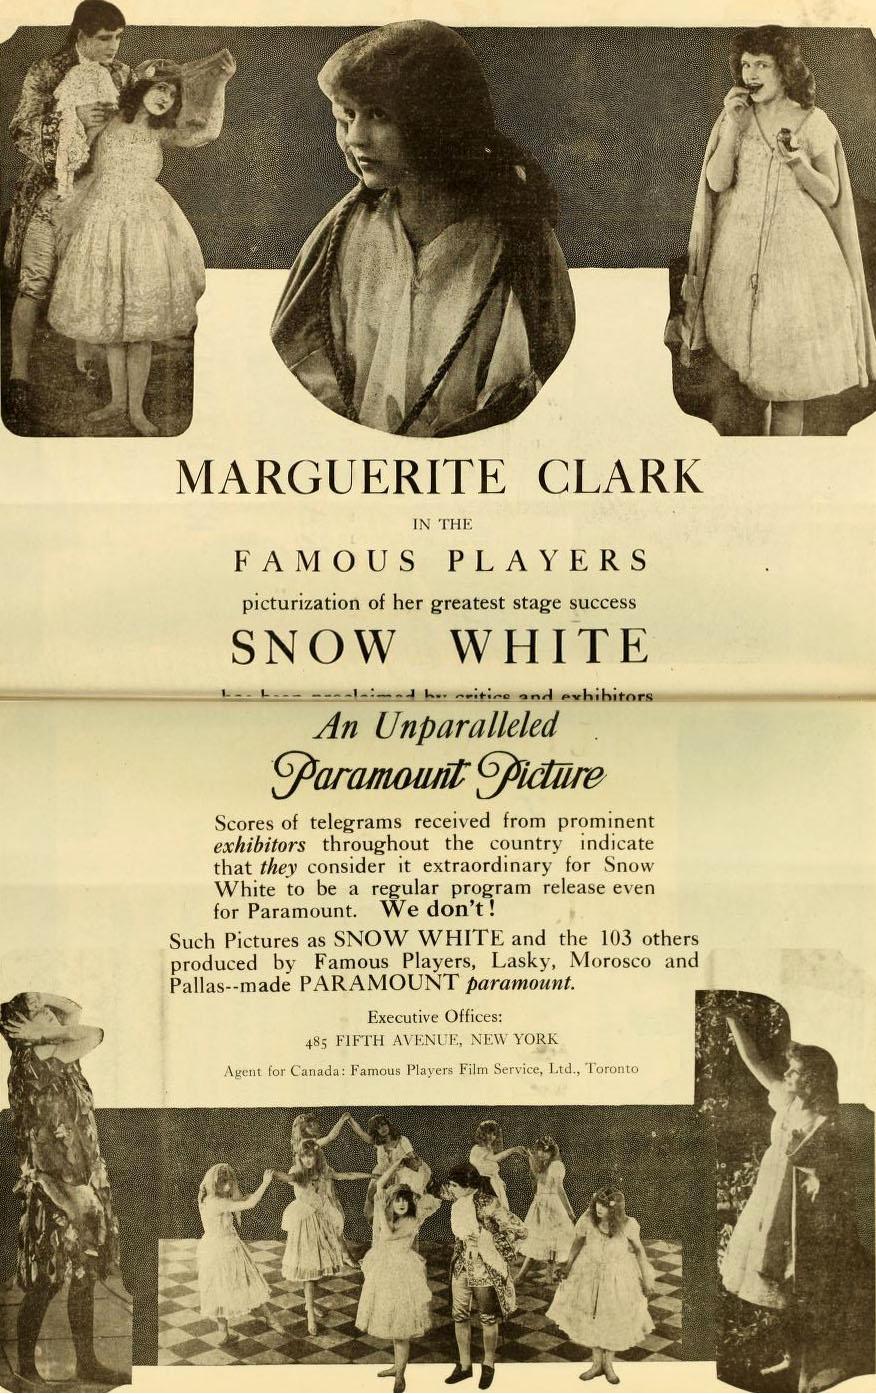 snow white 1916 film wikipedia